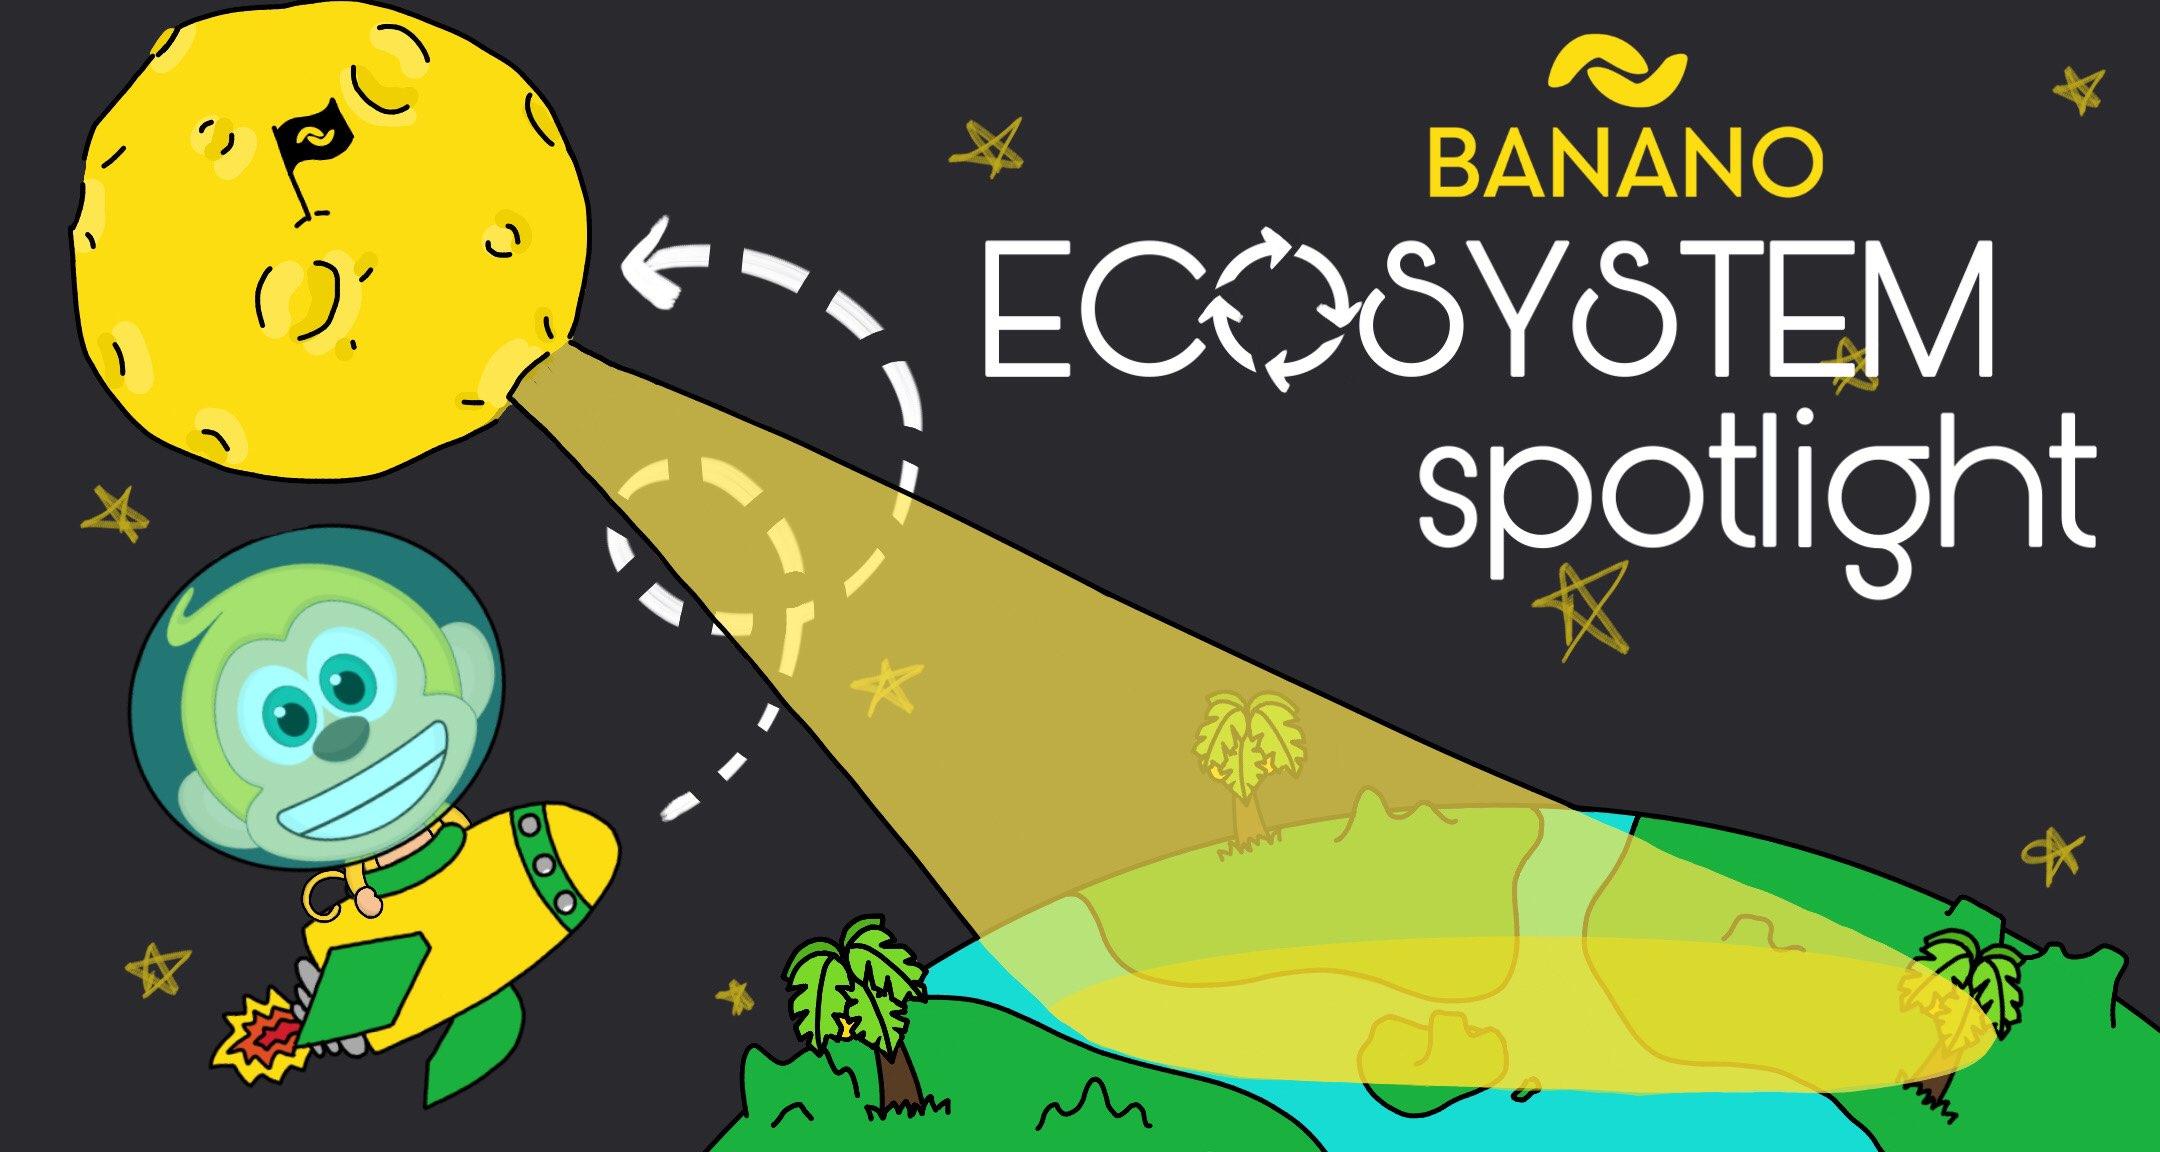 banano_ecosystem_spotlight.jpg